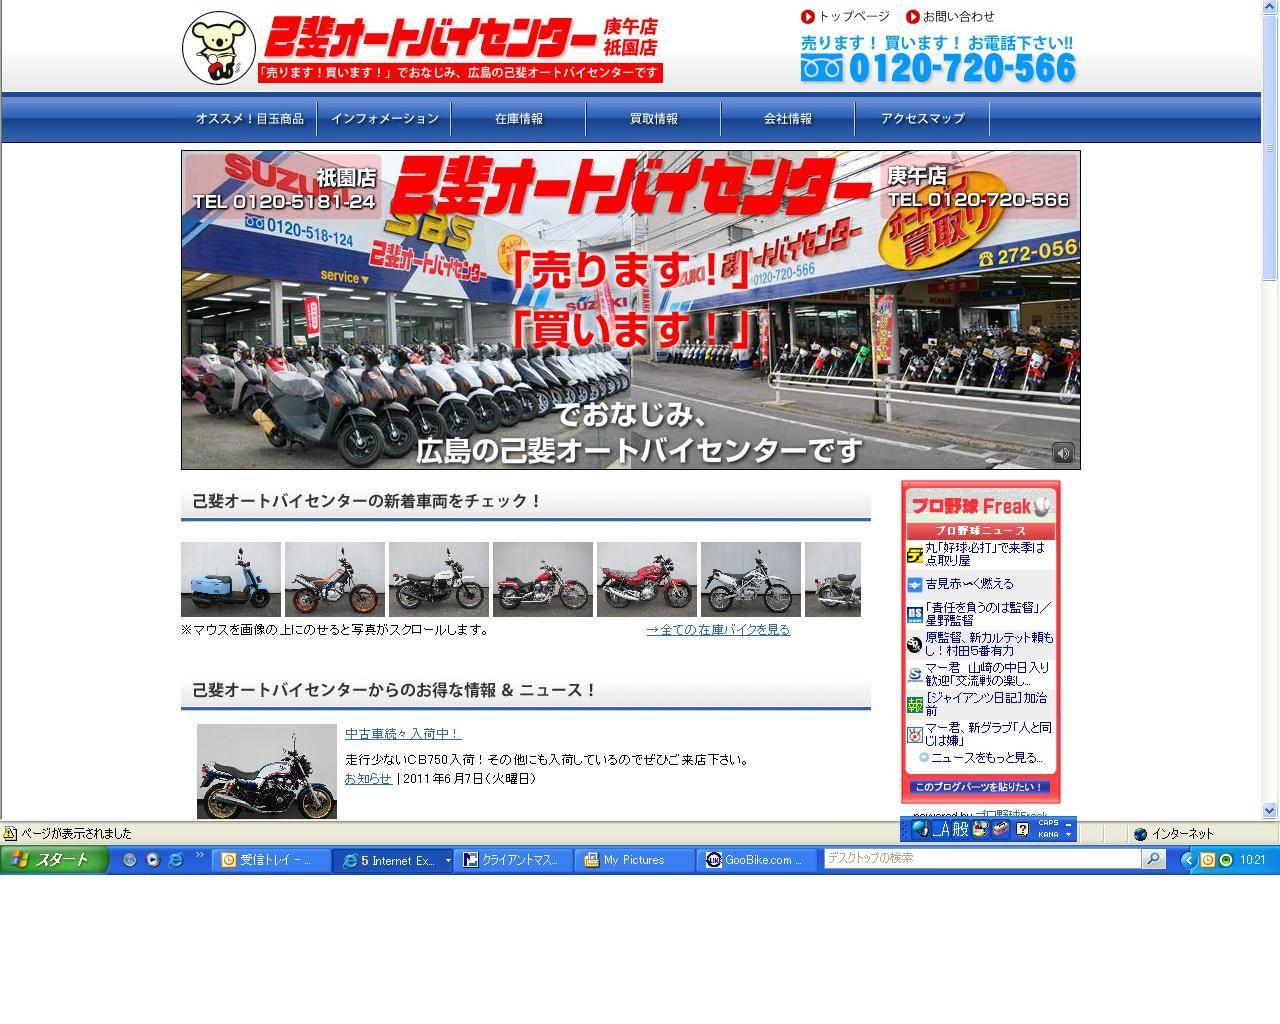 己斐オートバイセンター